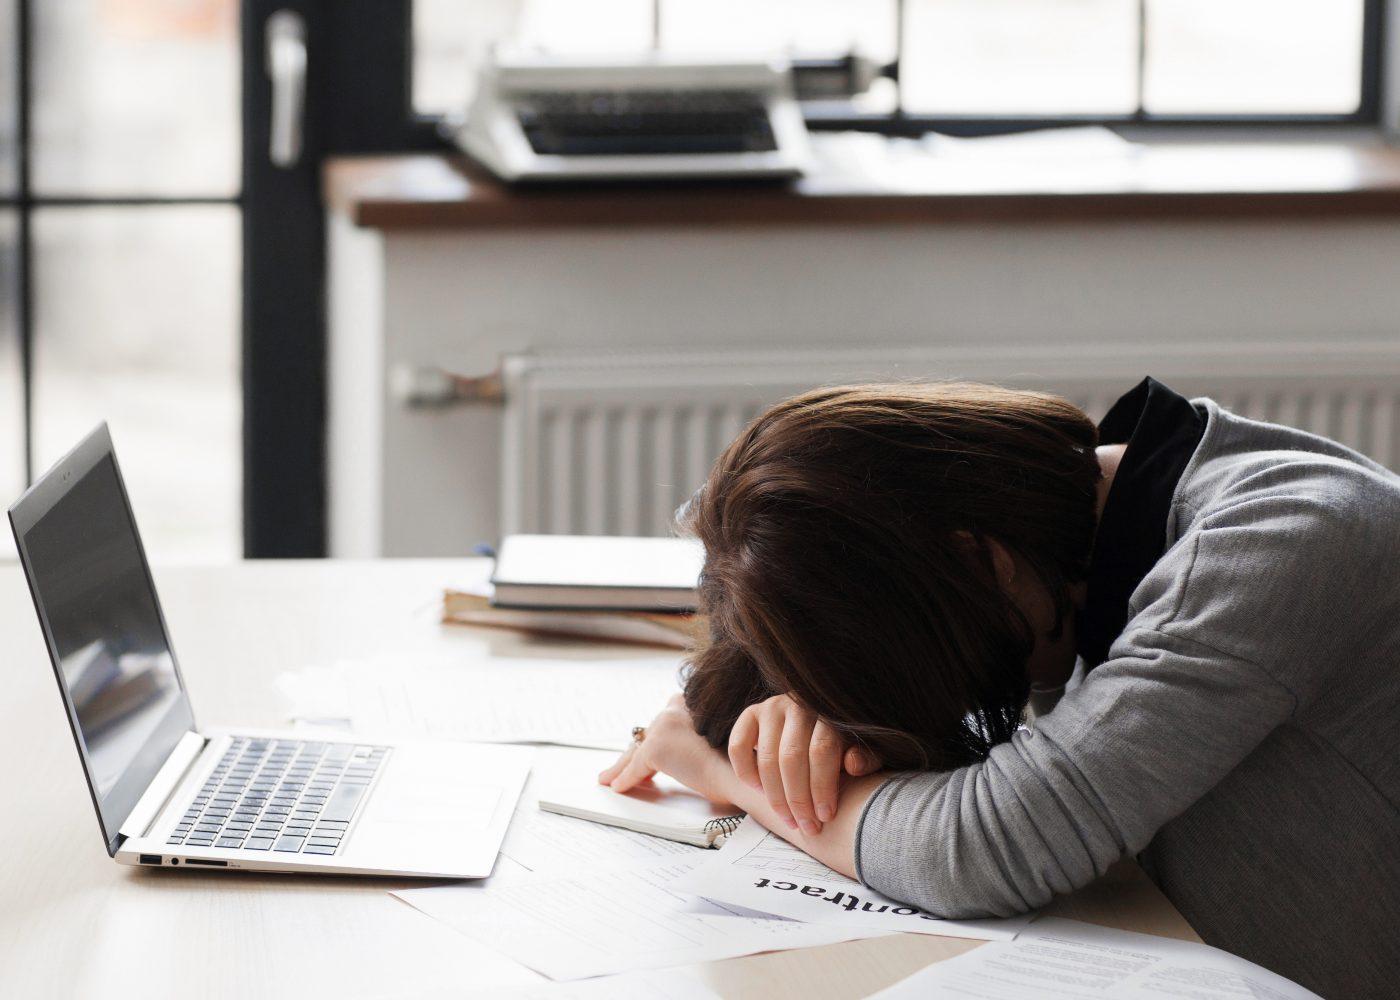 mulher exausta deitada a frente do computador em situação de precariedade